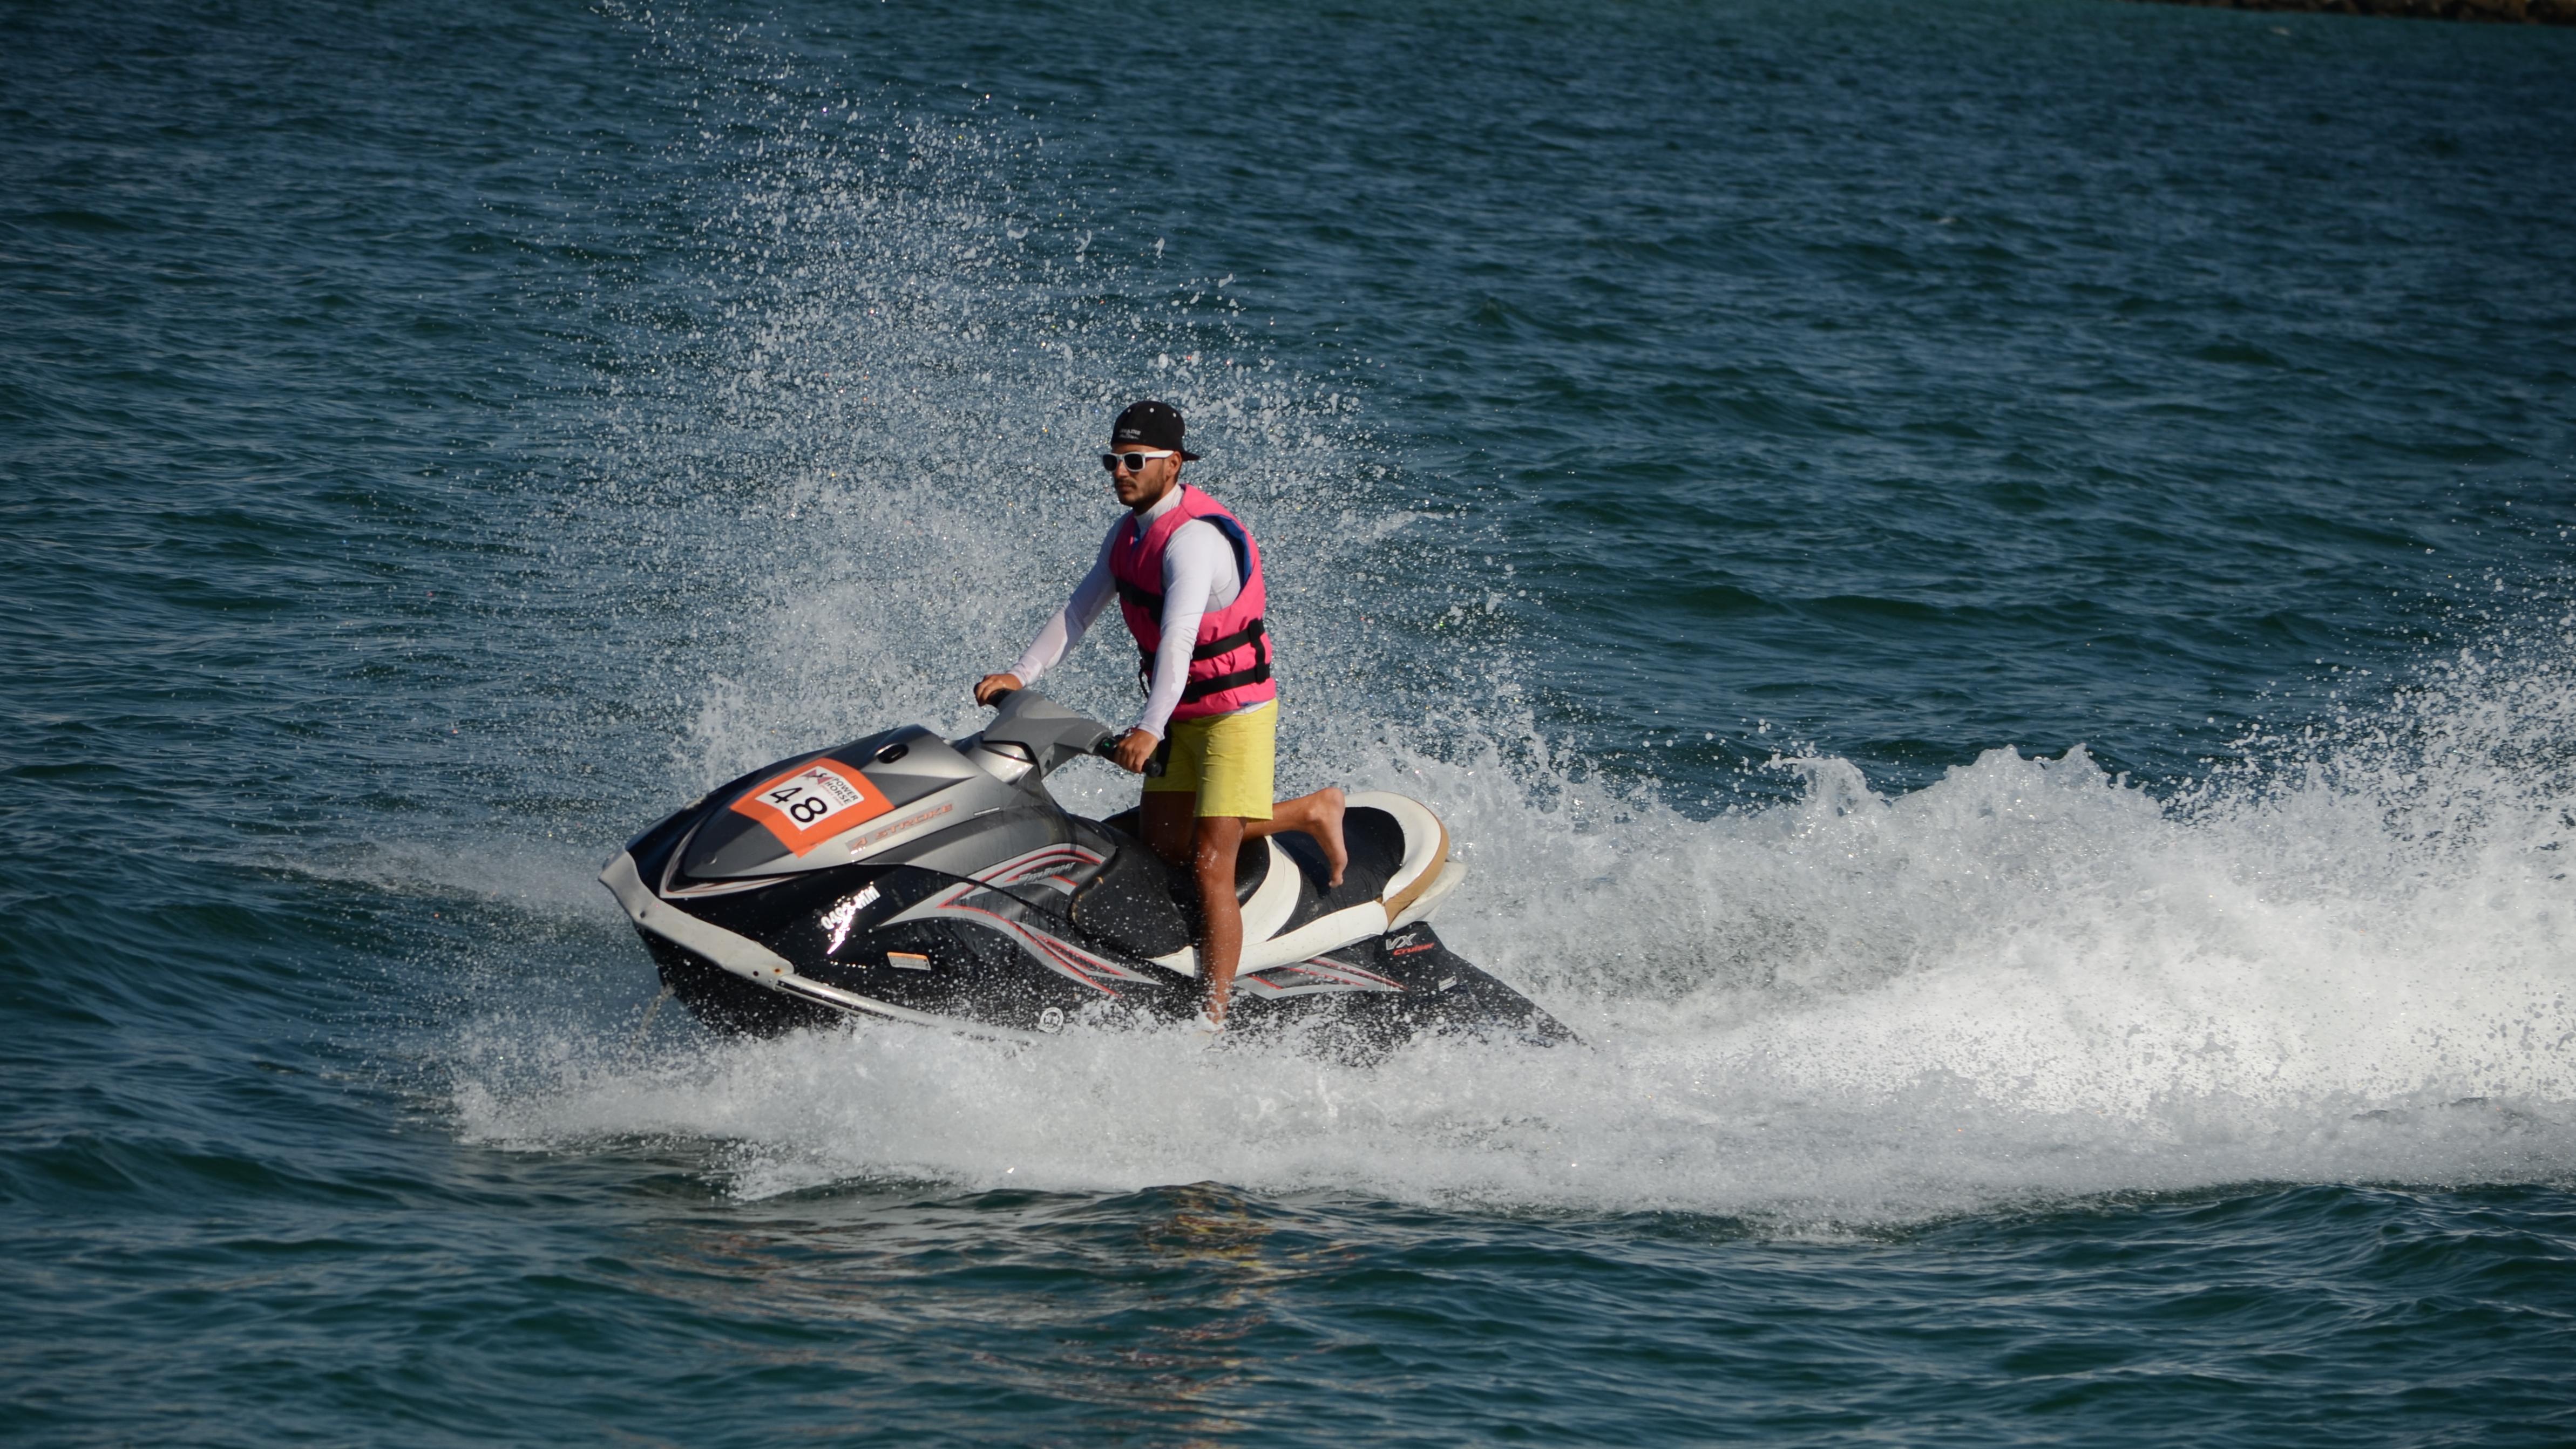 Yamaha Jet Ski Price